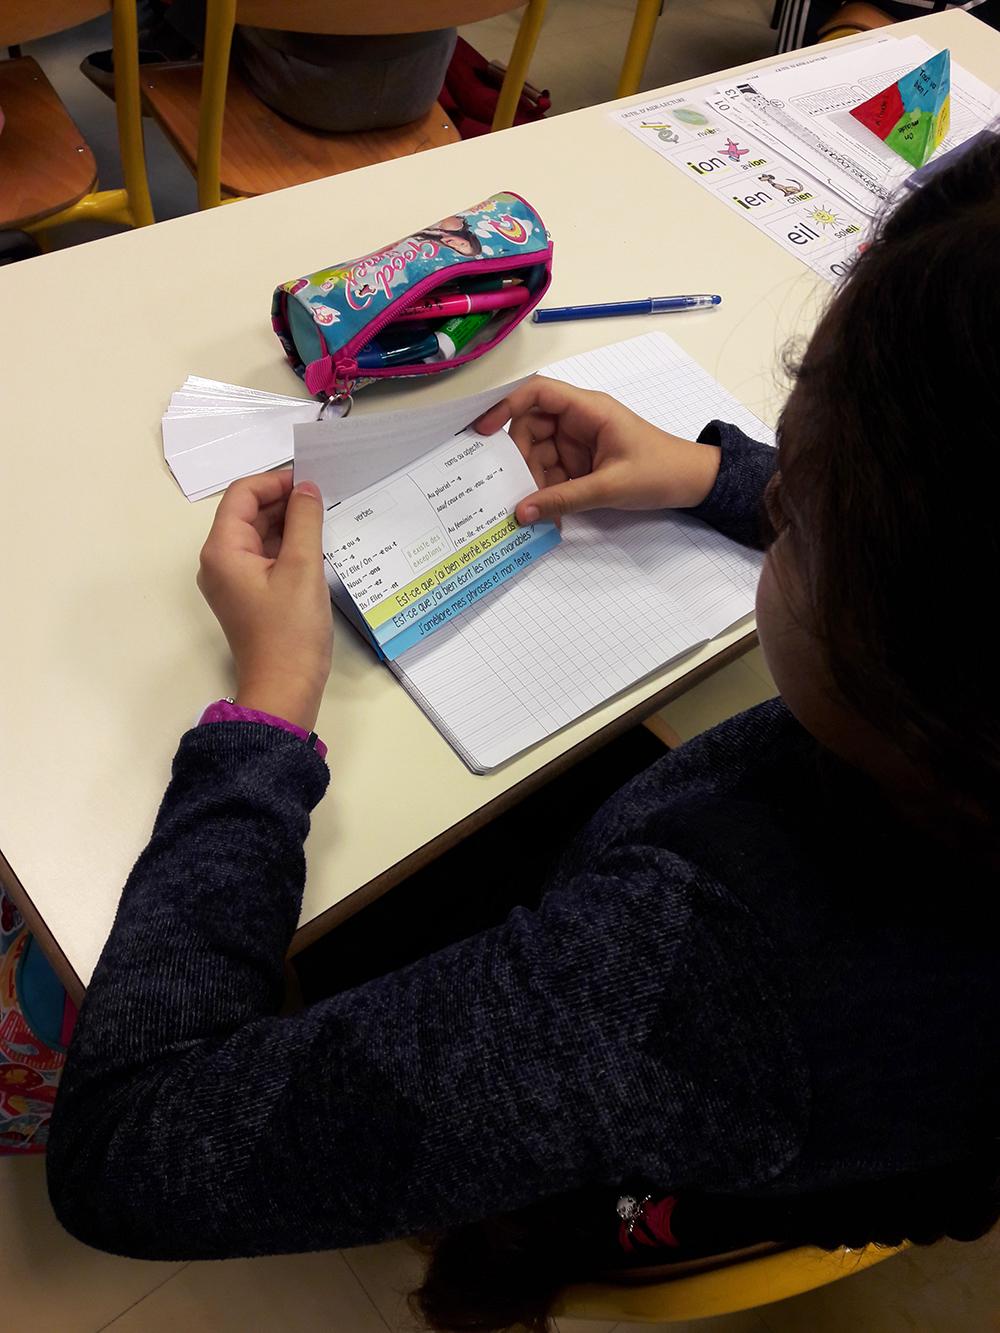 Les élèves se relisent avec leur livret d'autocorrection